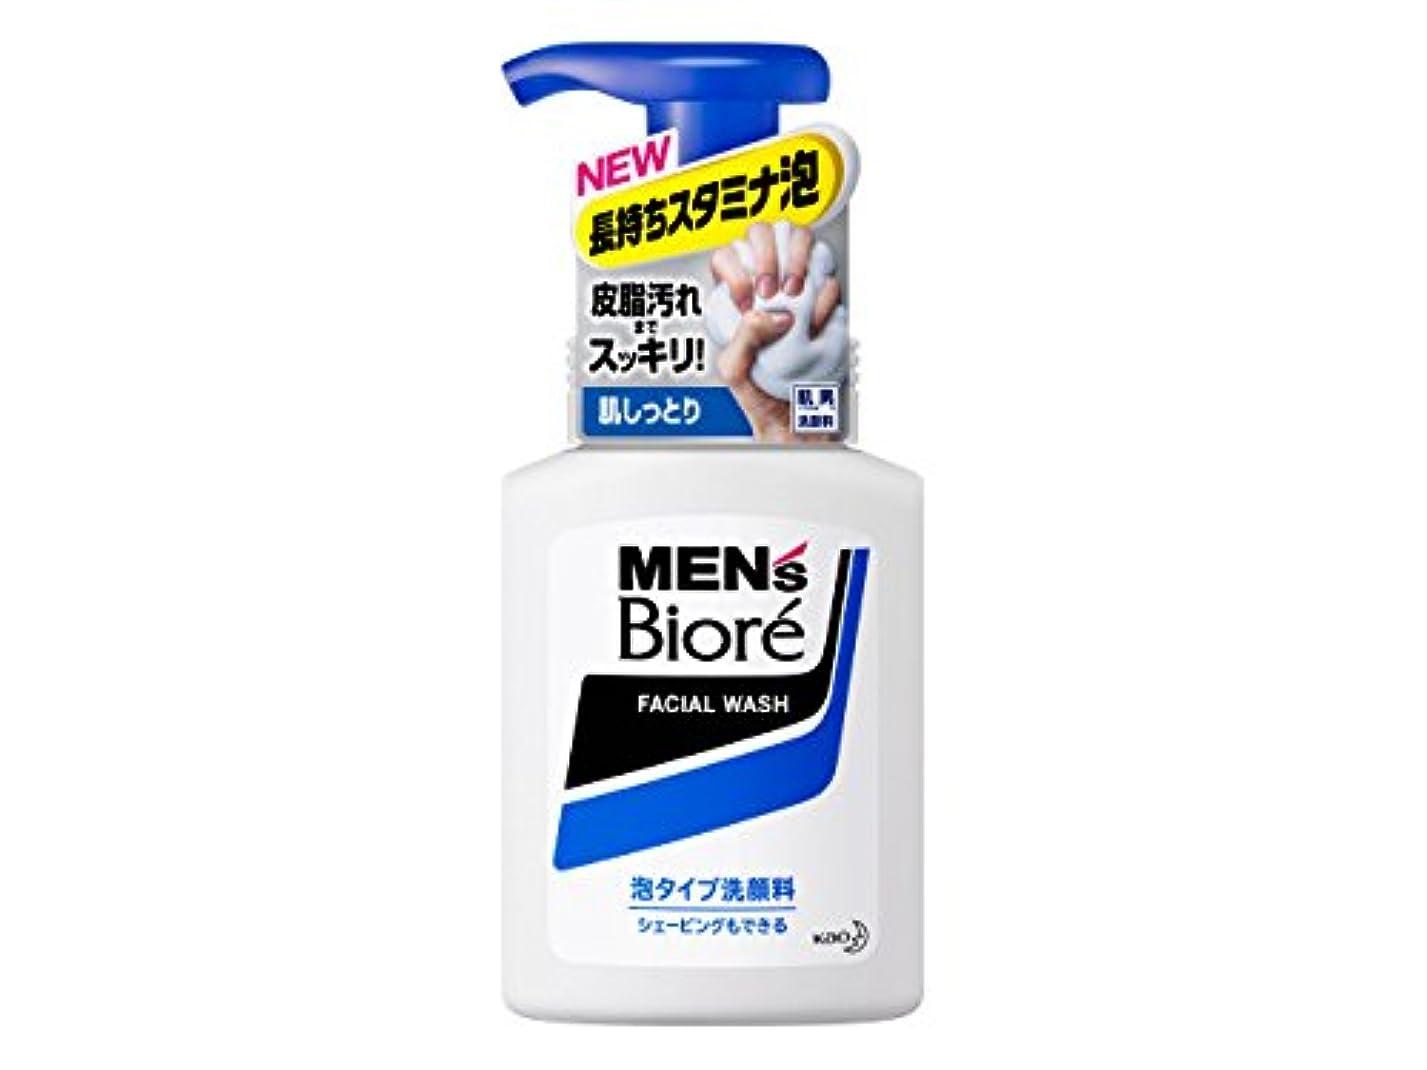 高尚な合金どっちでも【花王】メンズビオレ 泡タイプ洗顔 150ml ×20個セット